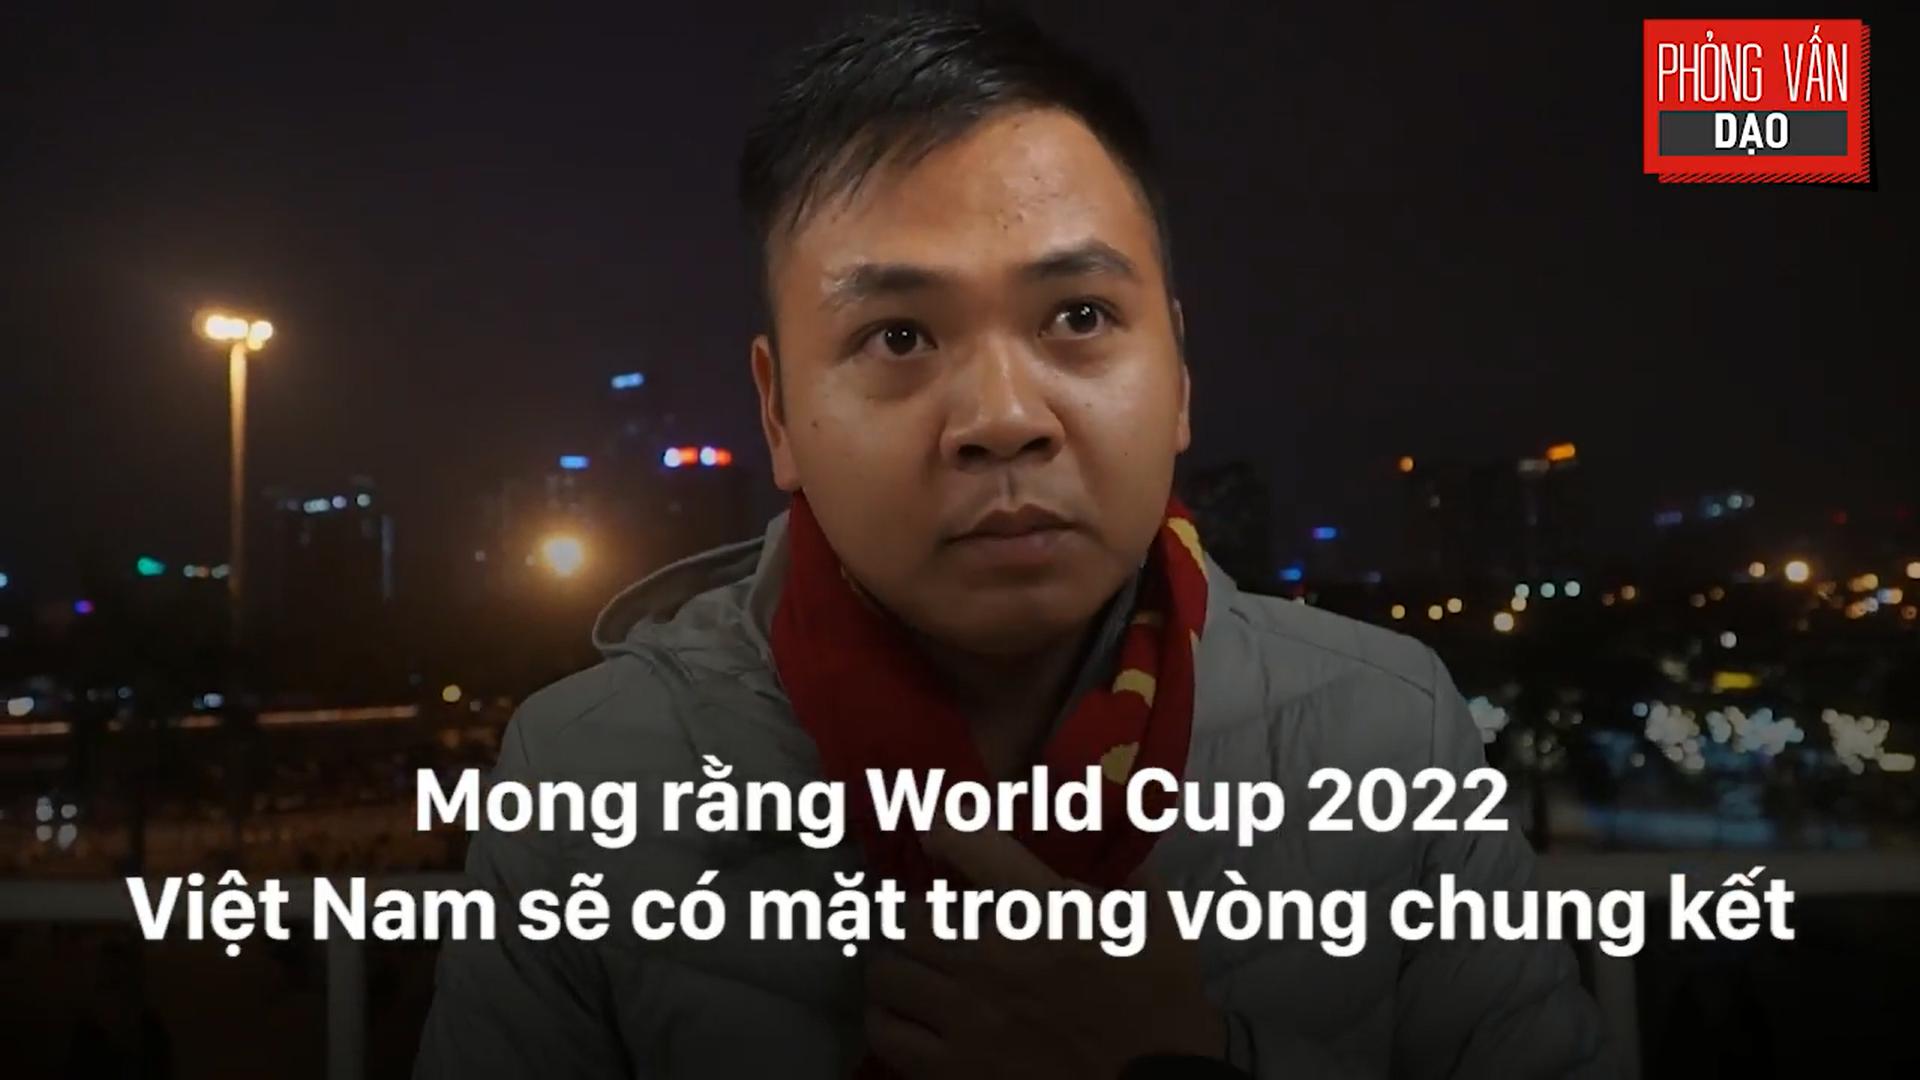 Phỏng vấn dạo: Cảm xúc của người hâm mộ khi đón U23 Việt Nam trở về trong vòng tay - Ảnh 22.